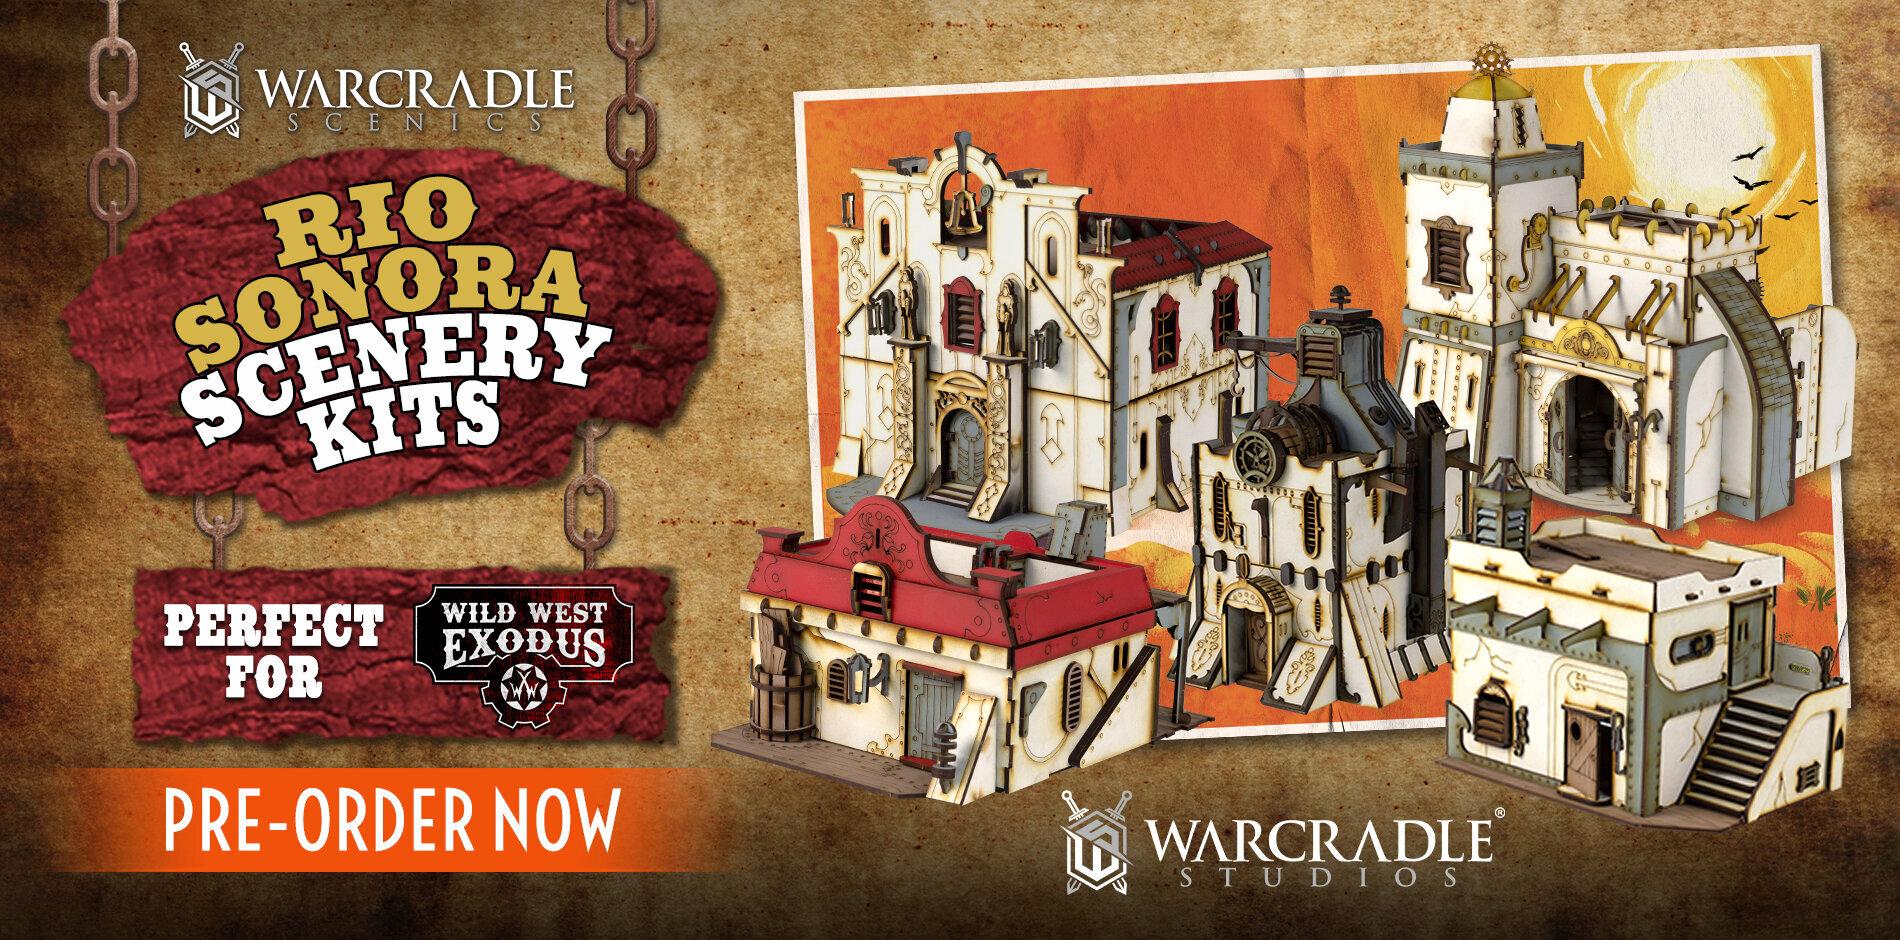 Warcradle+October+Pre-Orders+-+Rio+Sonora_Website_Warcradle_1900x940.jpg